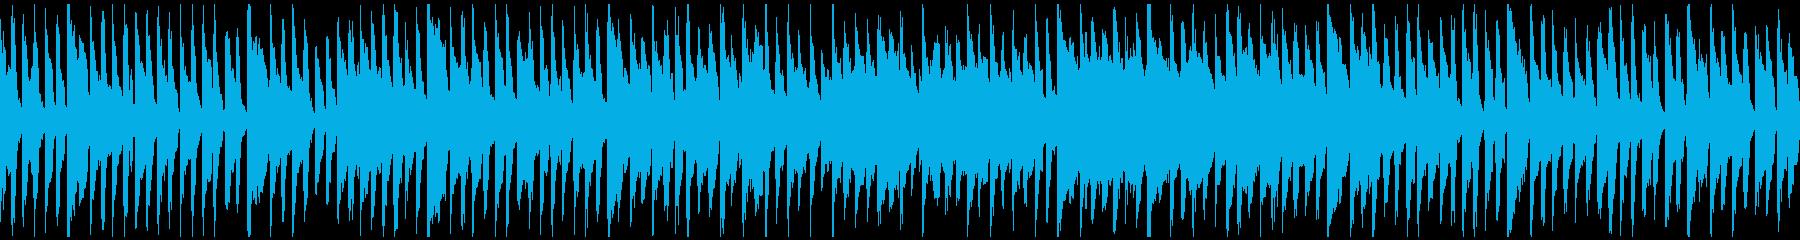 猫、犬、ほのぼのペット動画向け※ループ版の再生済みの波形